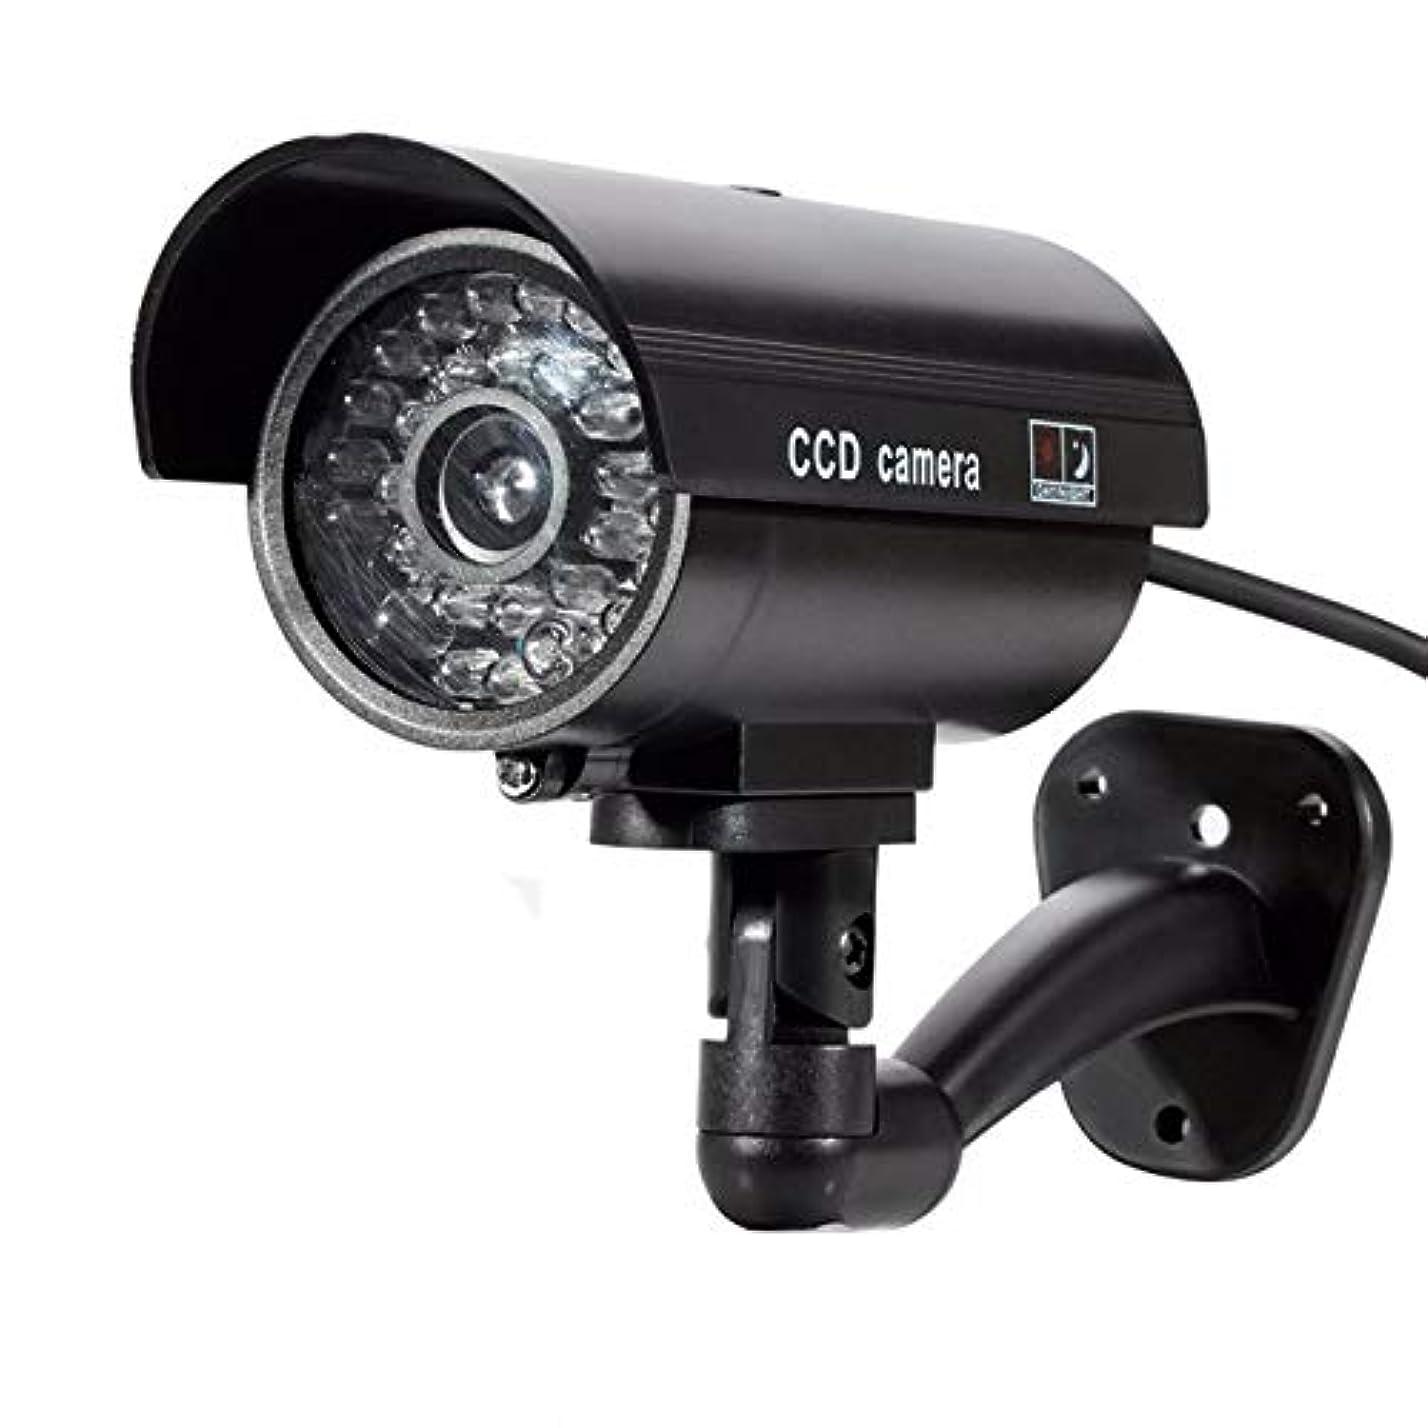 輸血買う騒乱点滅の導かれたライトが付いているIRの弾丸の偽のカメラを監視する偽のセキュリティ監視のビデオのための屋外のダミーカメラ